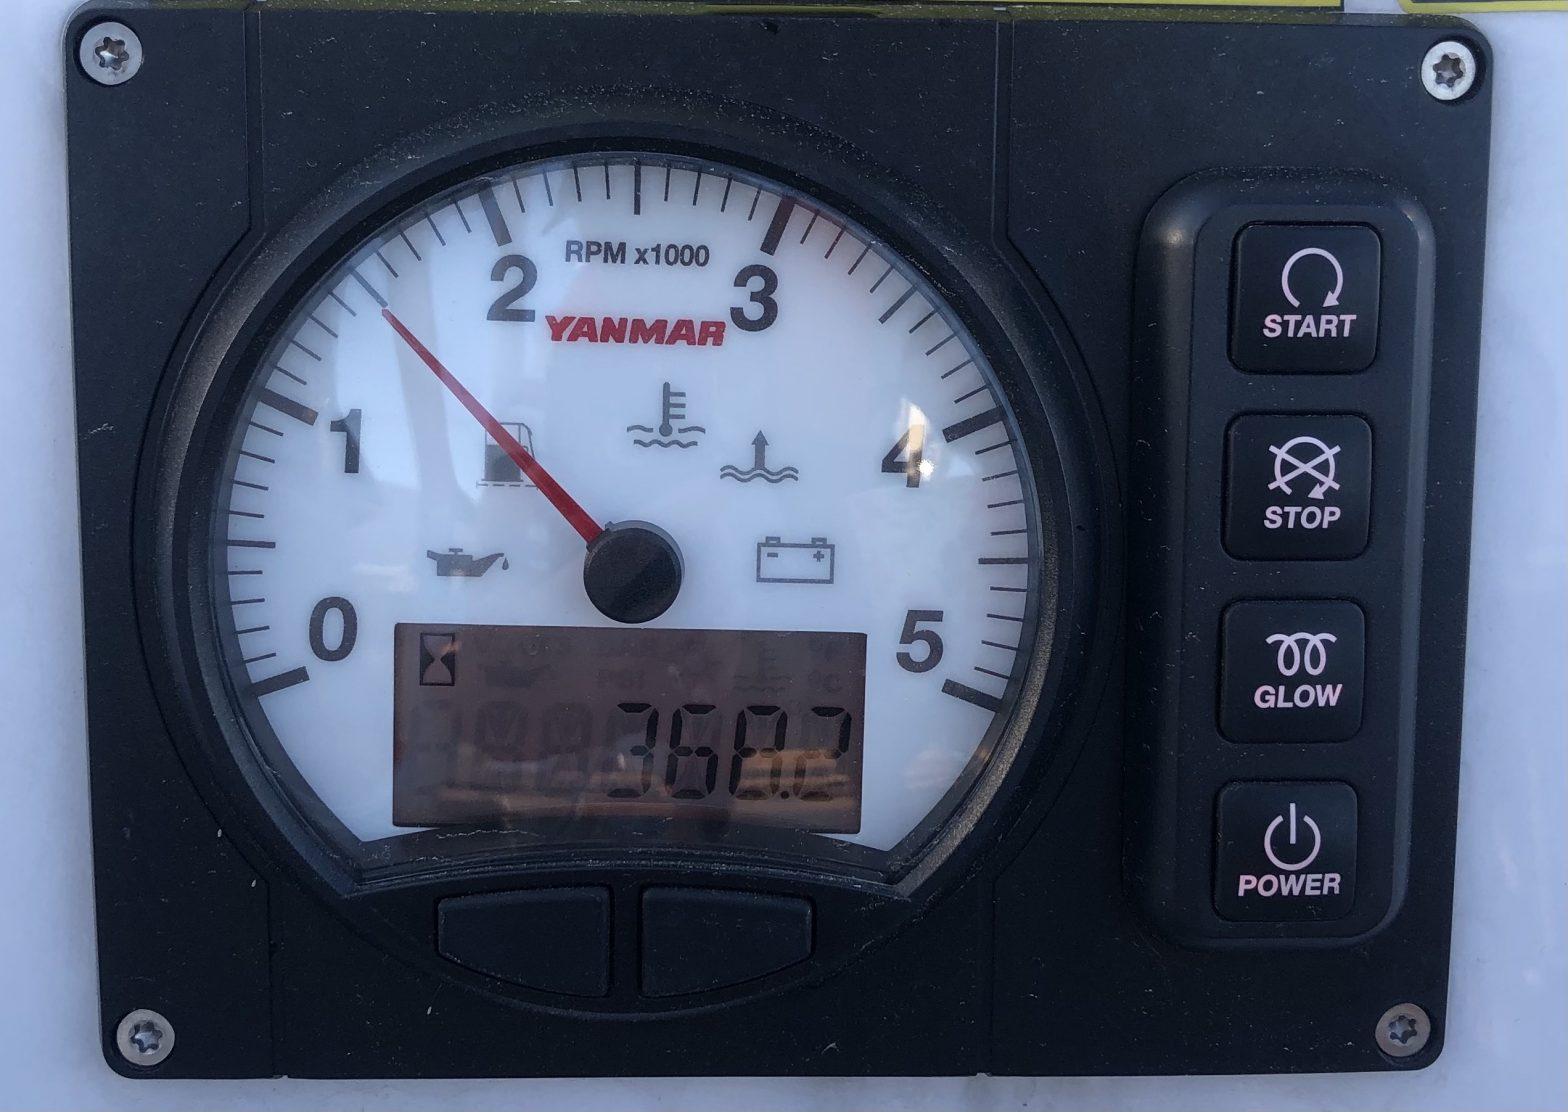 Hanse 388 motoring speed 4.0 knots at 1500 rpm